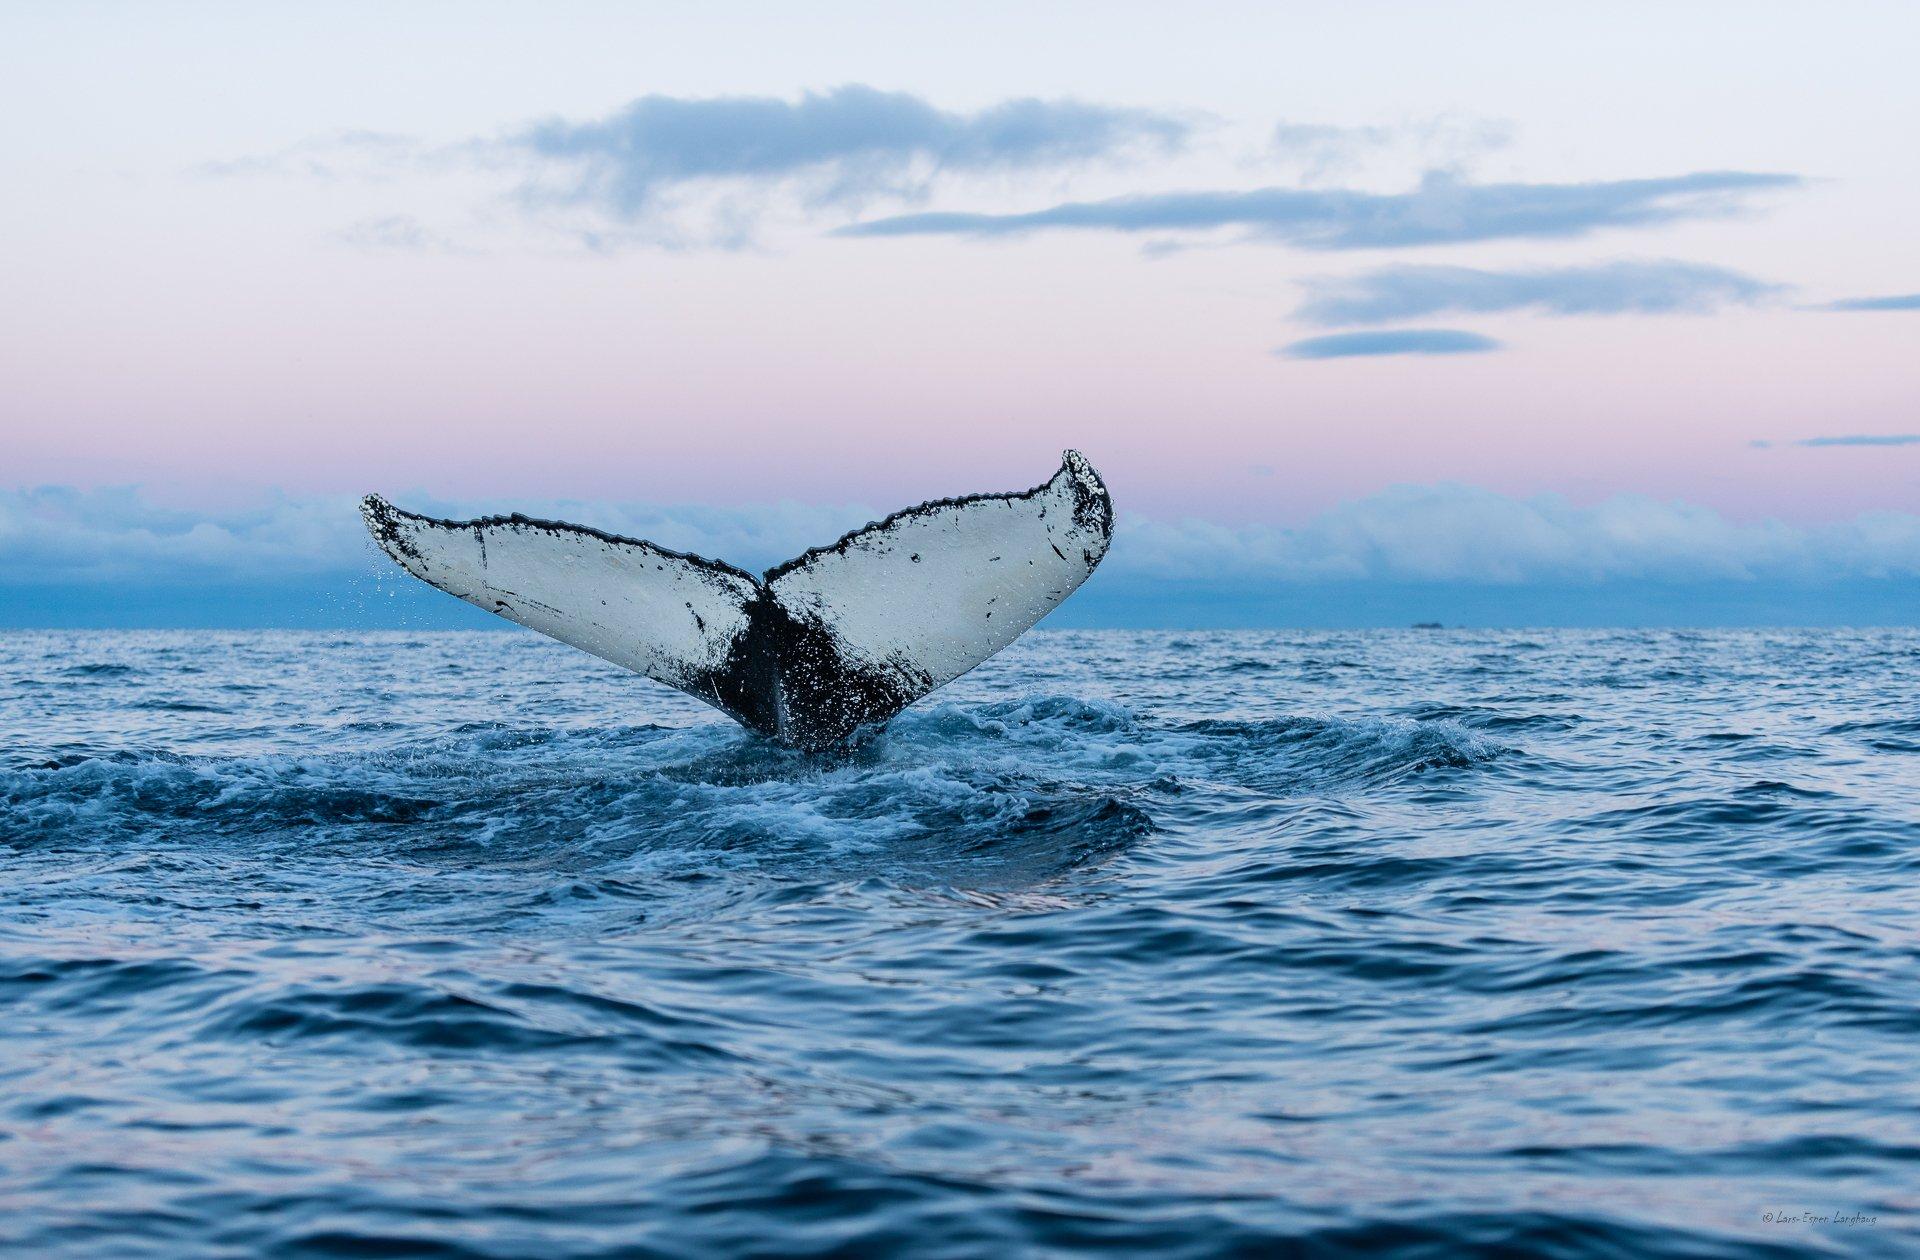 Картинки китов в море